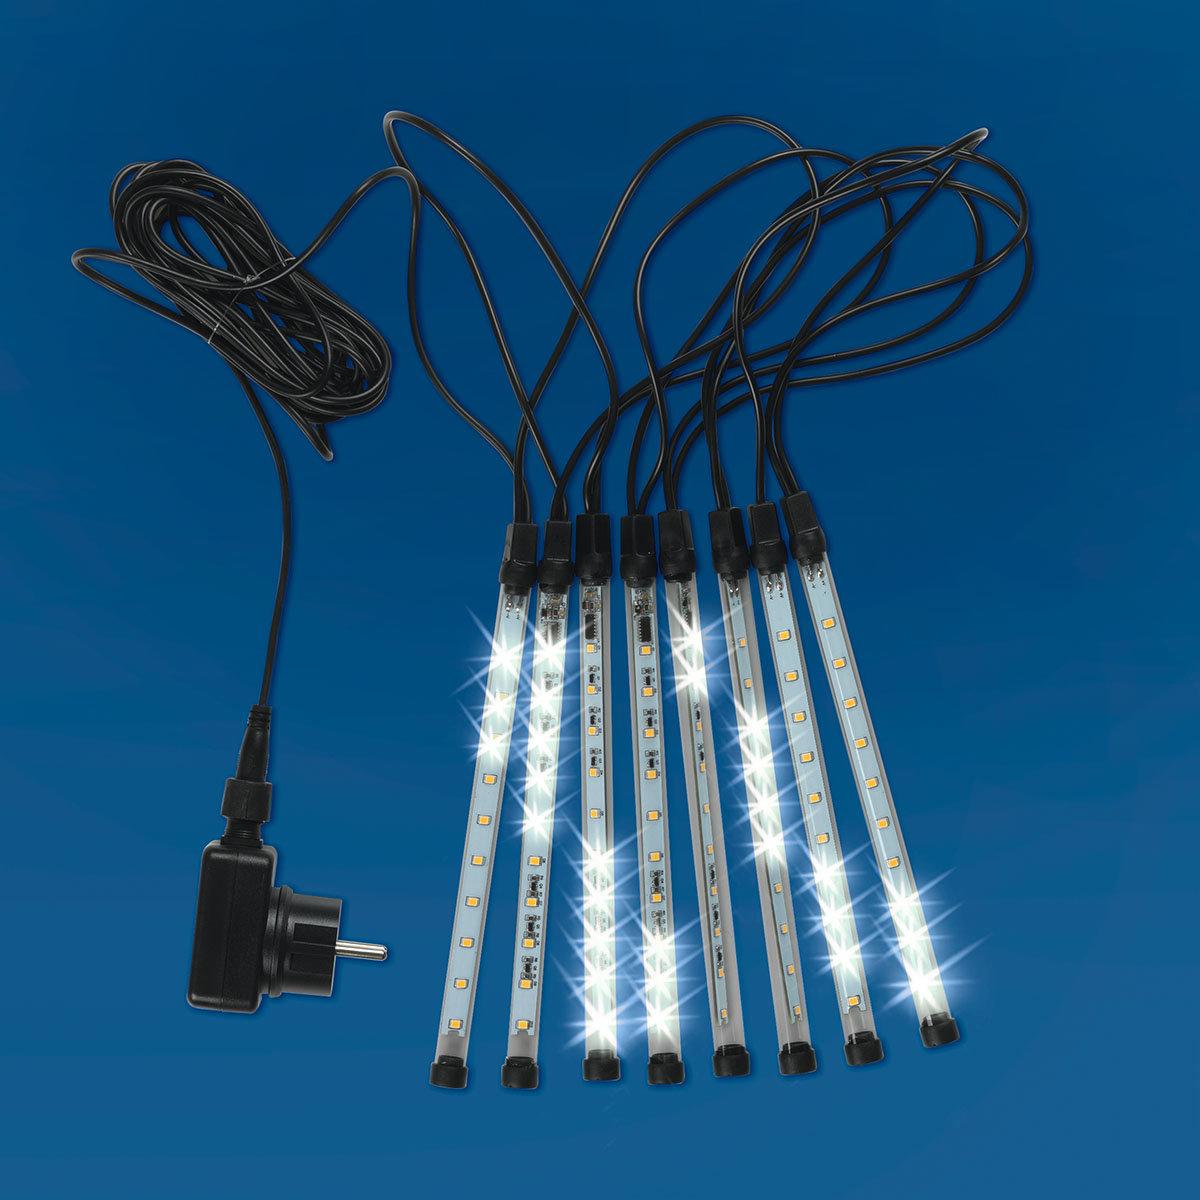 LED-Lichterkette Meteoritenschauer   #2